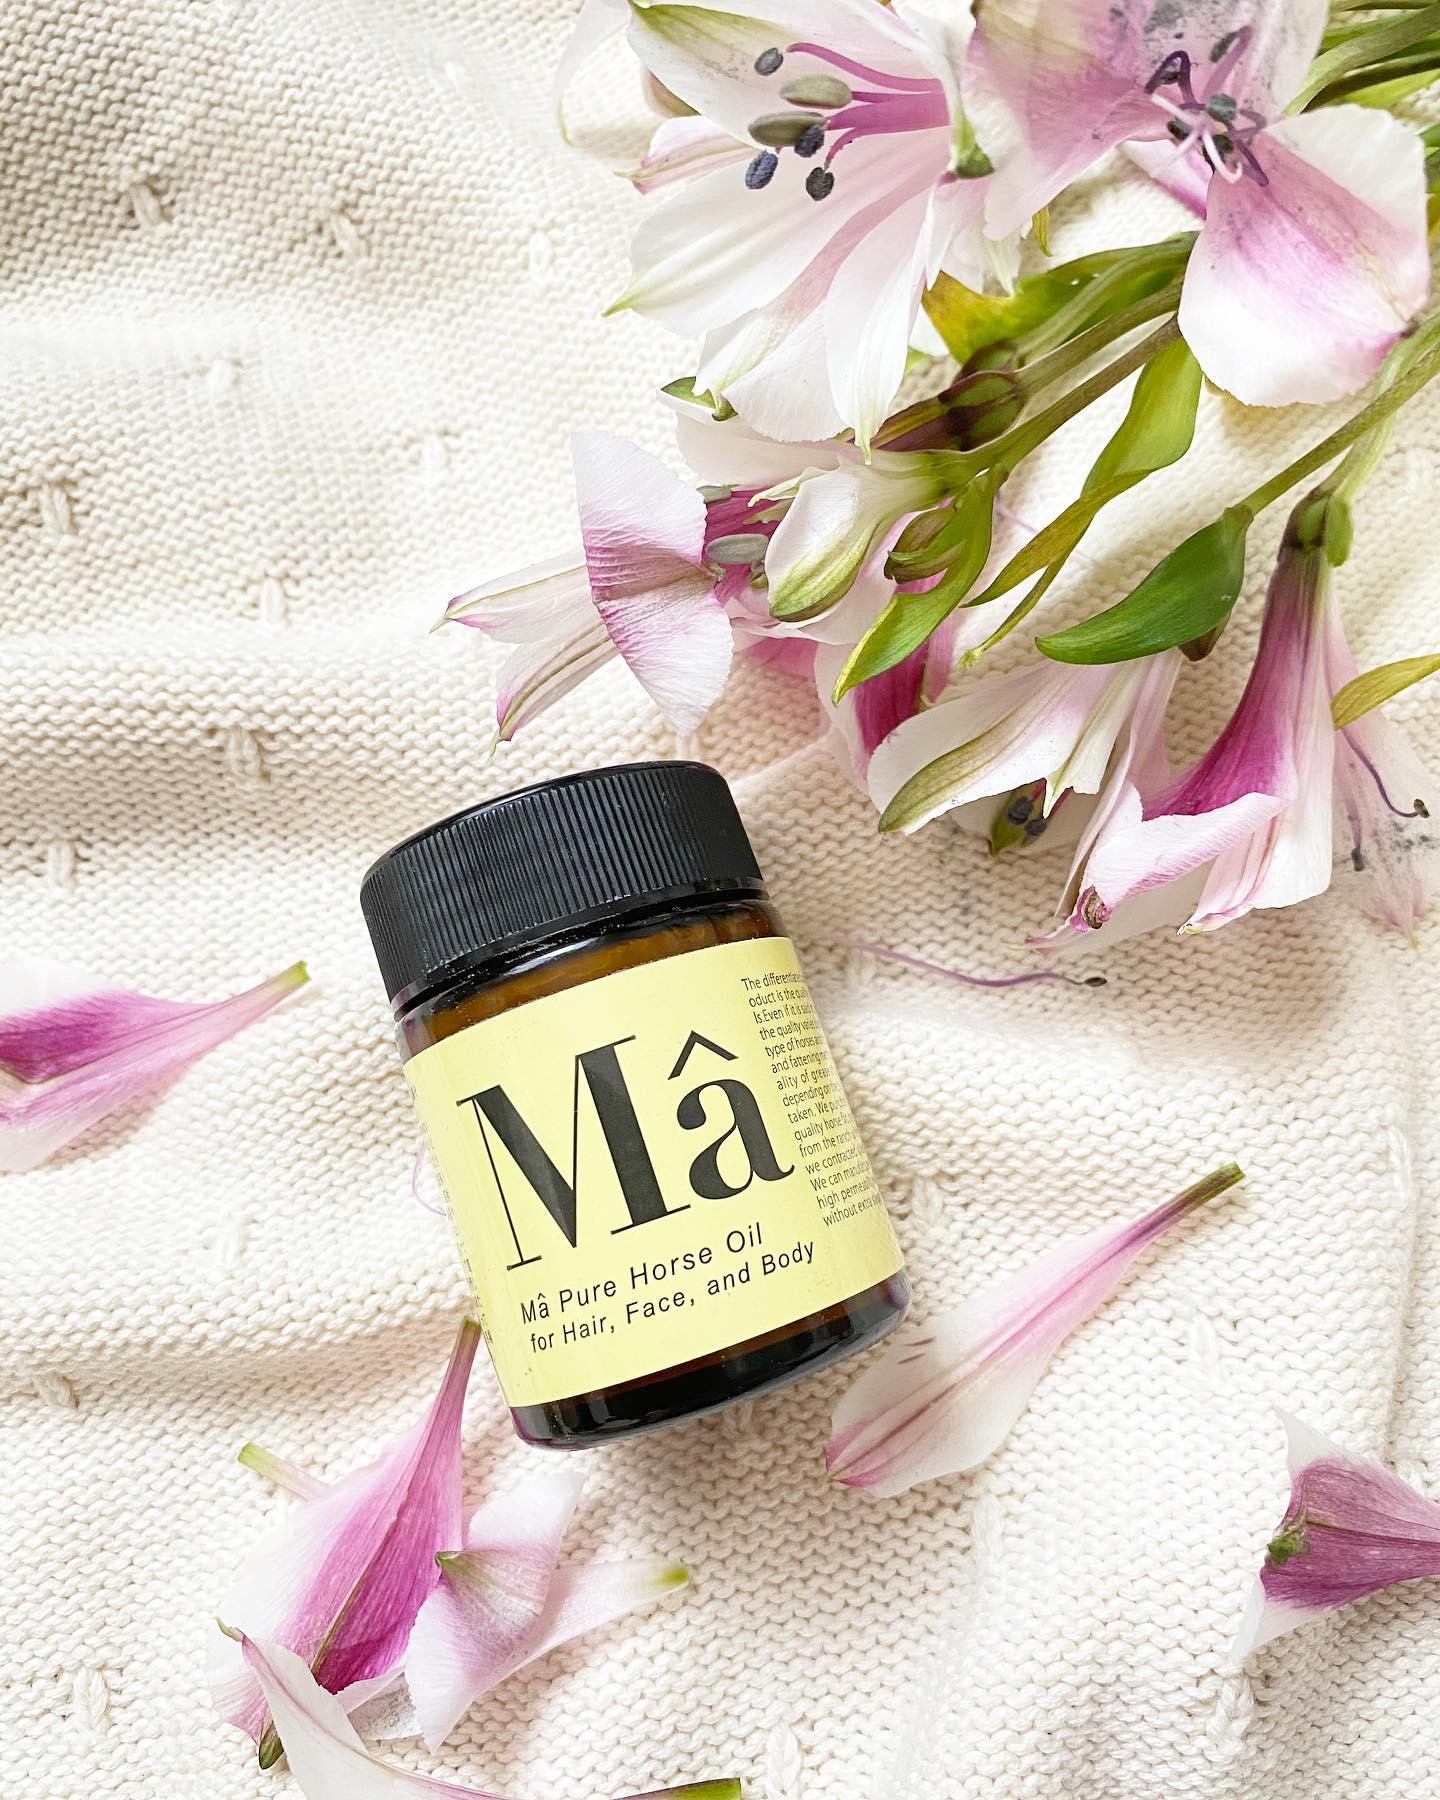 口コミ投稿:Ma 美容保湿クリーム自然由来成分(馬油、ミツロウ、レモングラス油)しか配合してい…